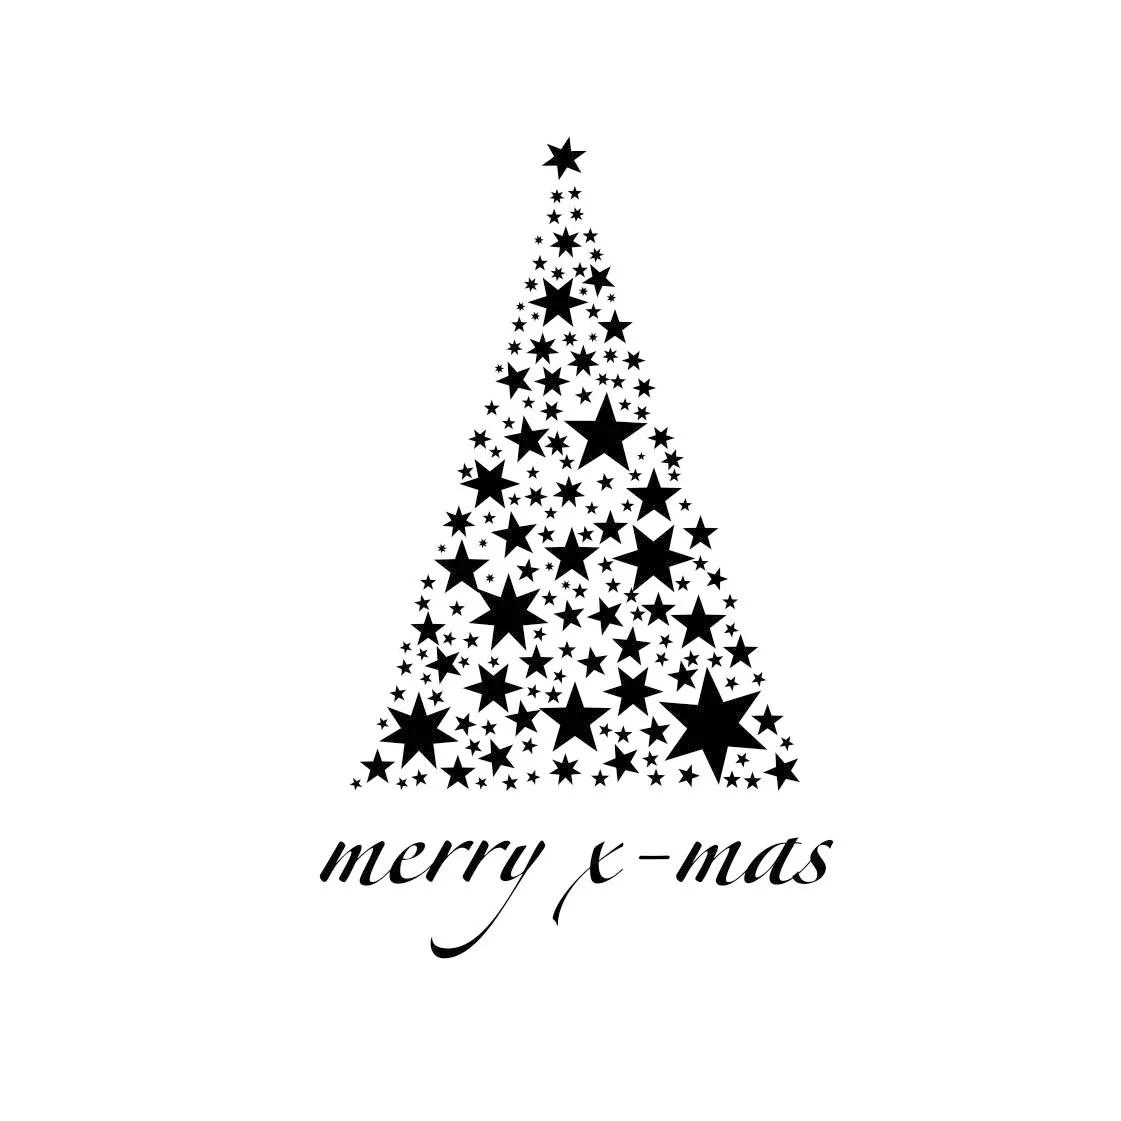 Christmas Tree X Mas Star Graphics Svg Dxf Eps Cdr Ai